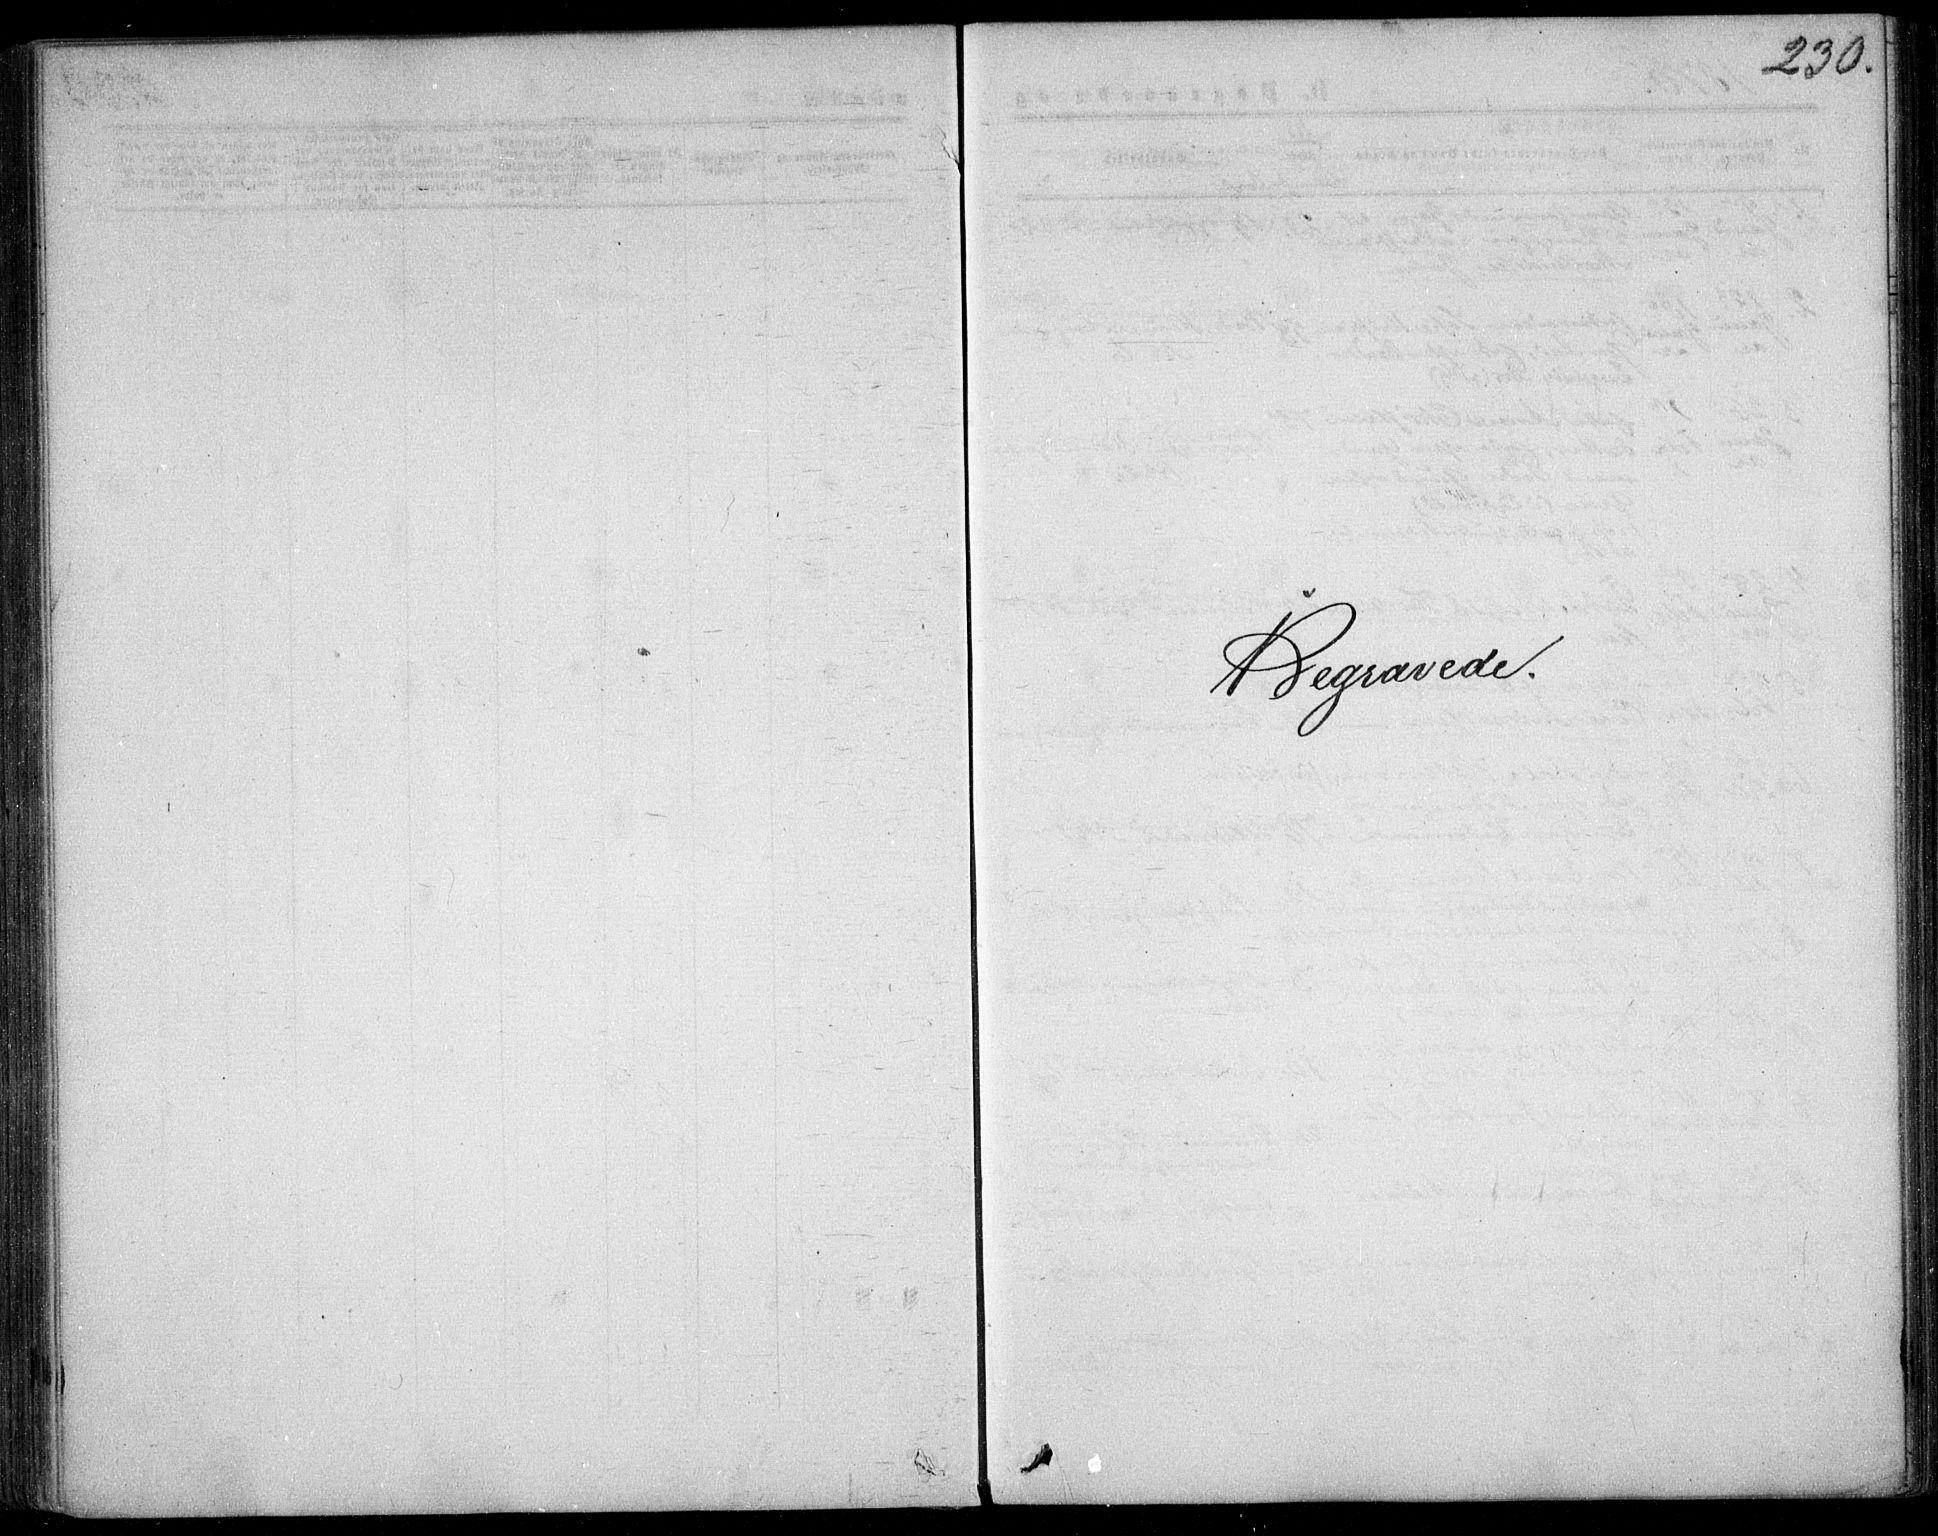 SAO, Garnisonsmenigheten Kirkebøker, F/Fa/L0011: Ministerialbok nr. 11, 1870-1880, s. 230